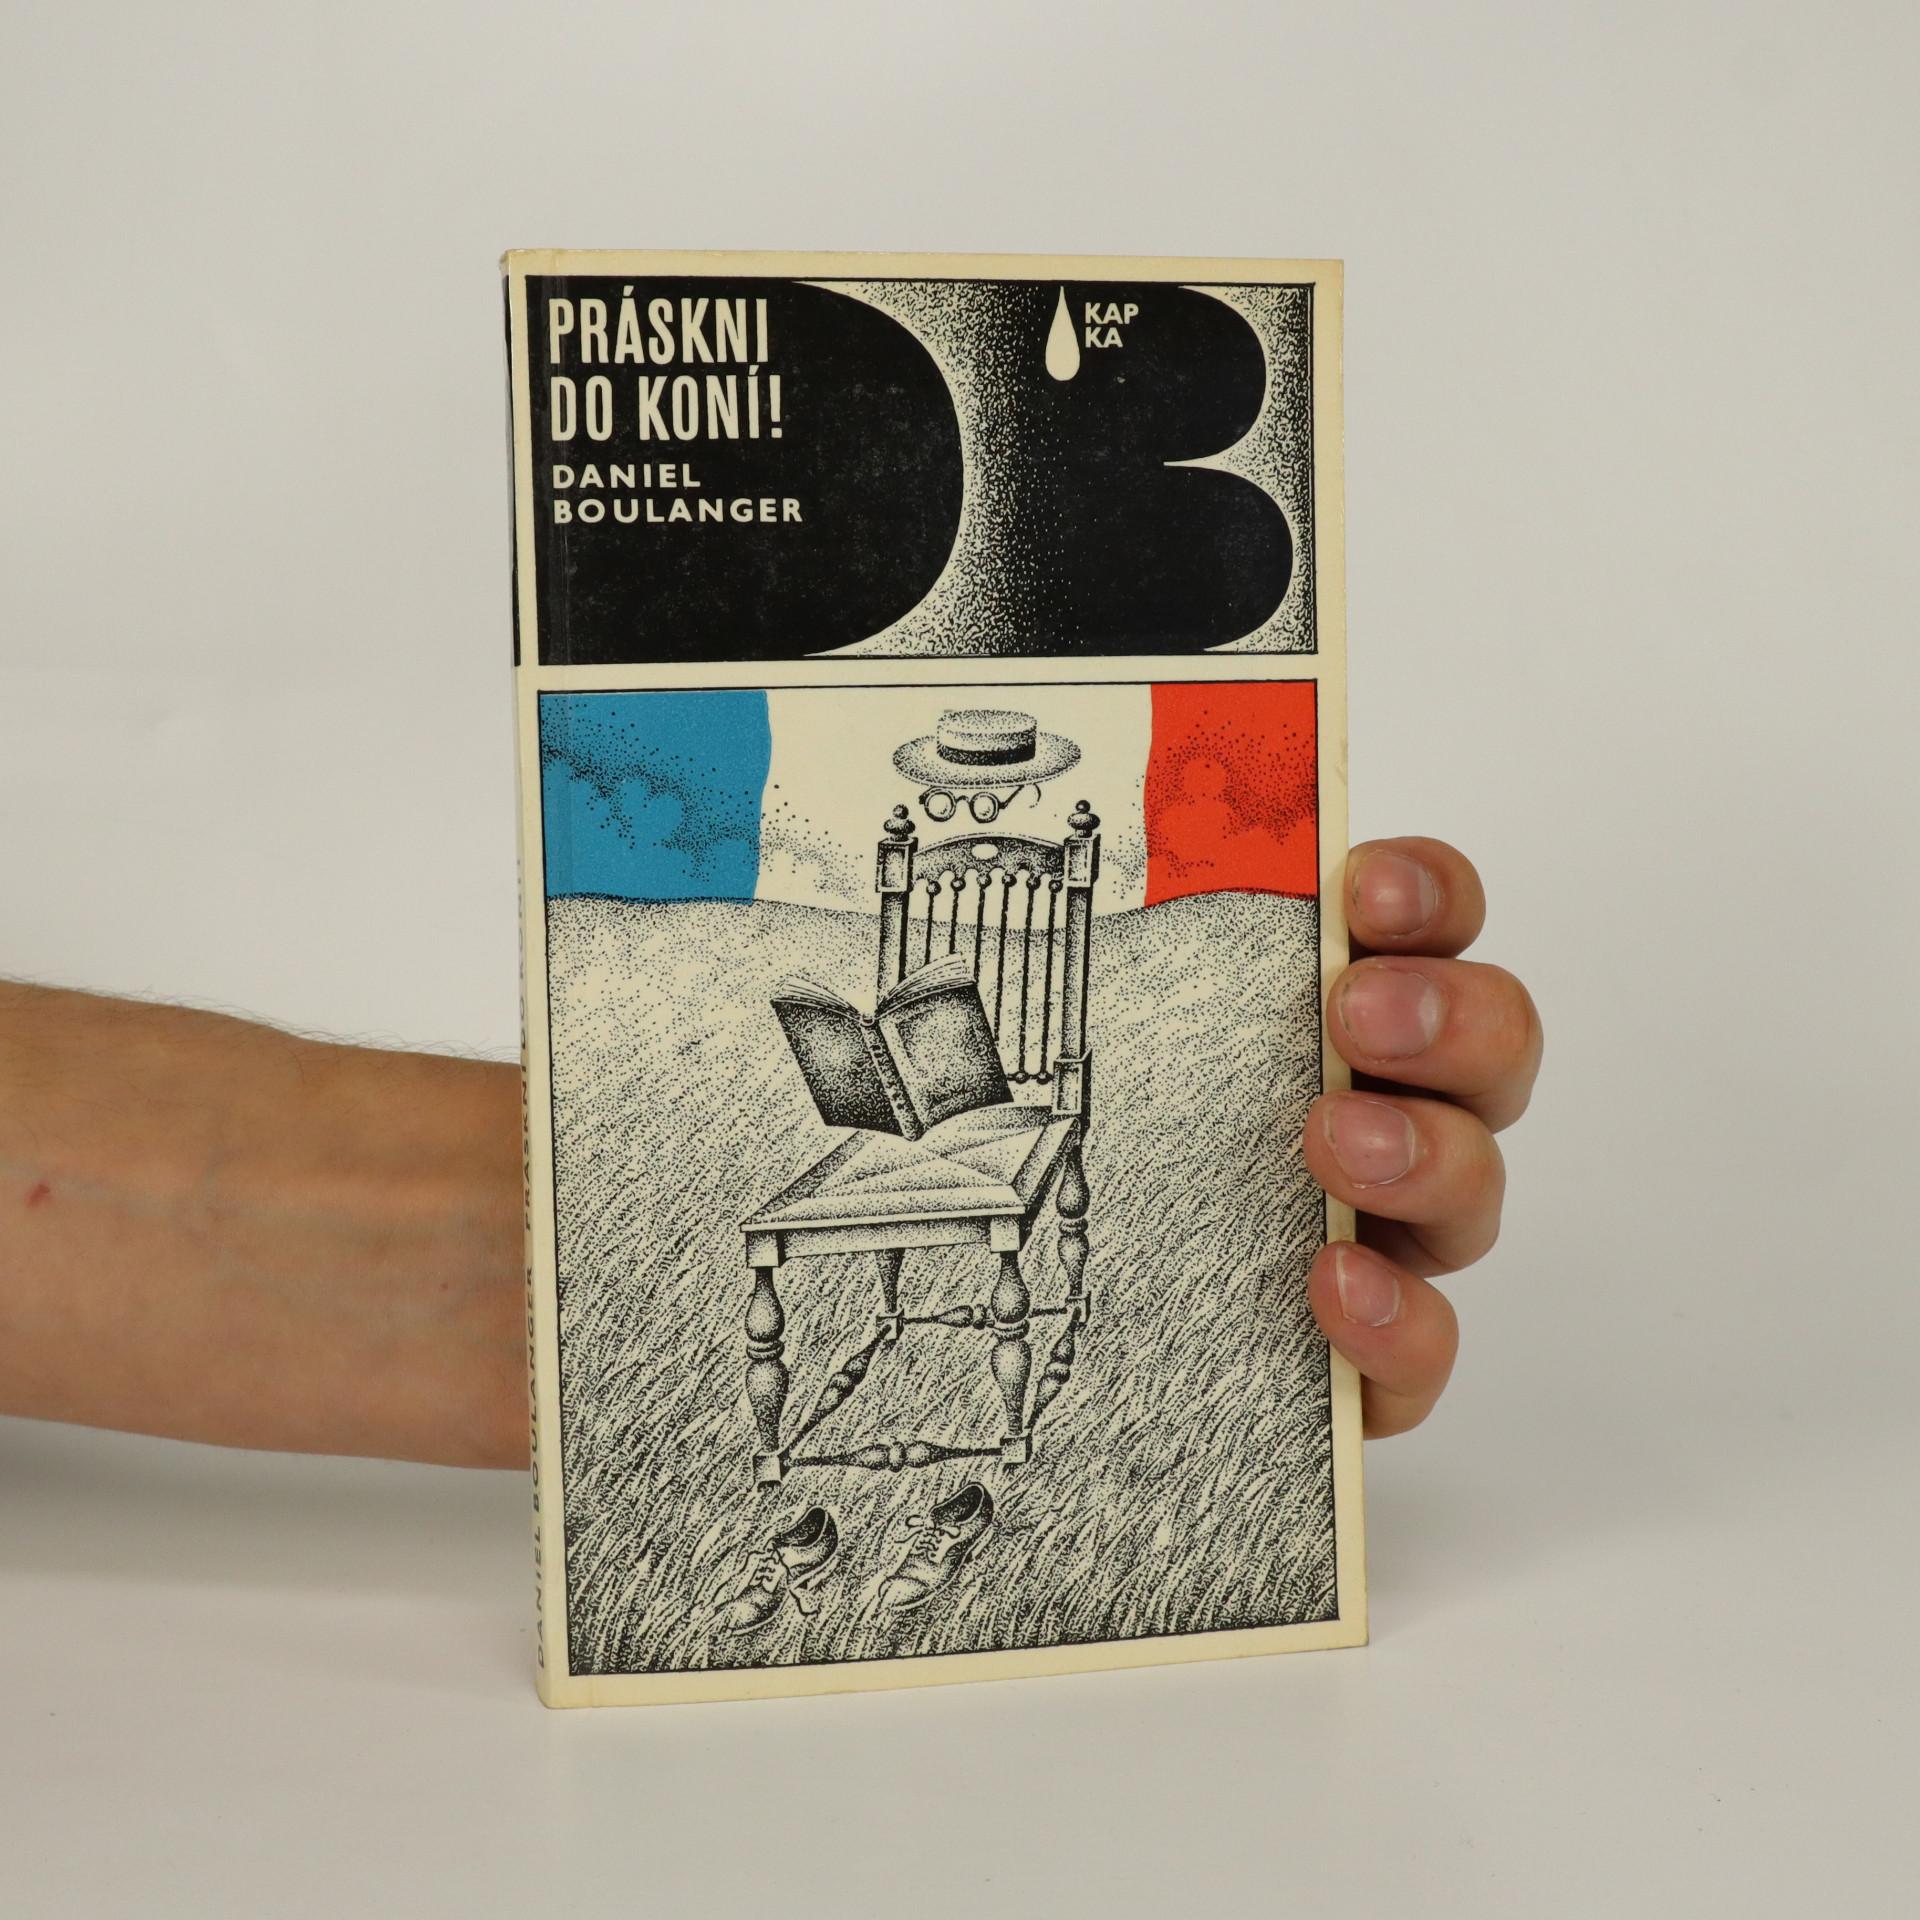 antikvární kniha Práskni do koní!, 1978